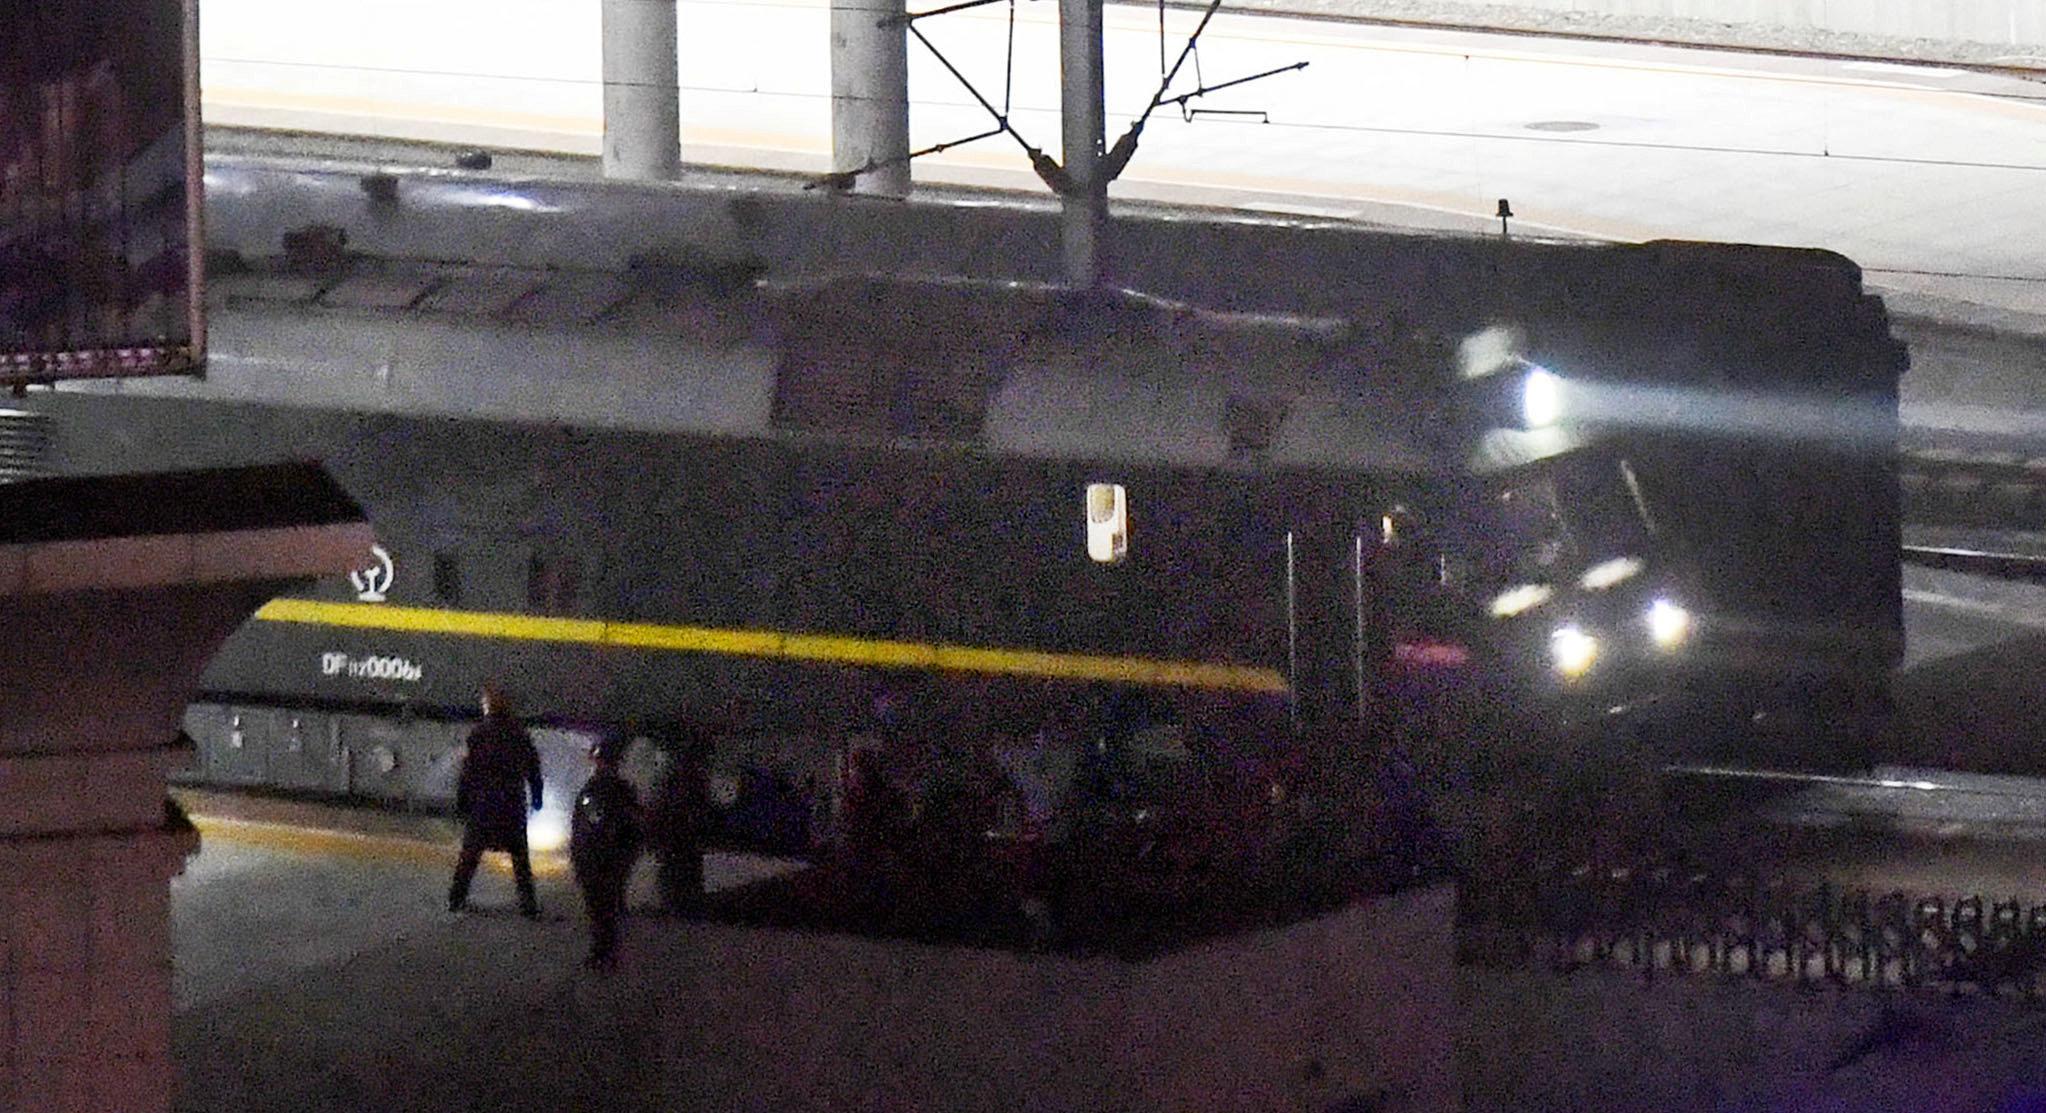 23일 김정은 북한 국무위원장을 태운 것으로 추정되는 열차가 중국 단둥역에서 출발하고 있다. 열차의 중간에 그려진 흰색 원형의 문양이 지난 1월 북중정상회담때 탑승했던 전용열차의 문양과 같다. [로이터=연합뉴스]